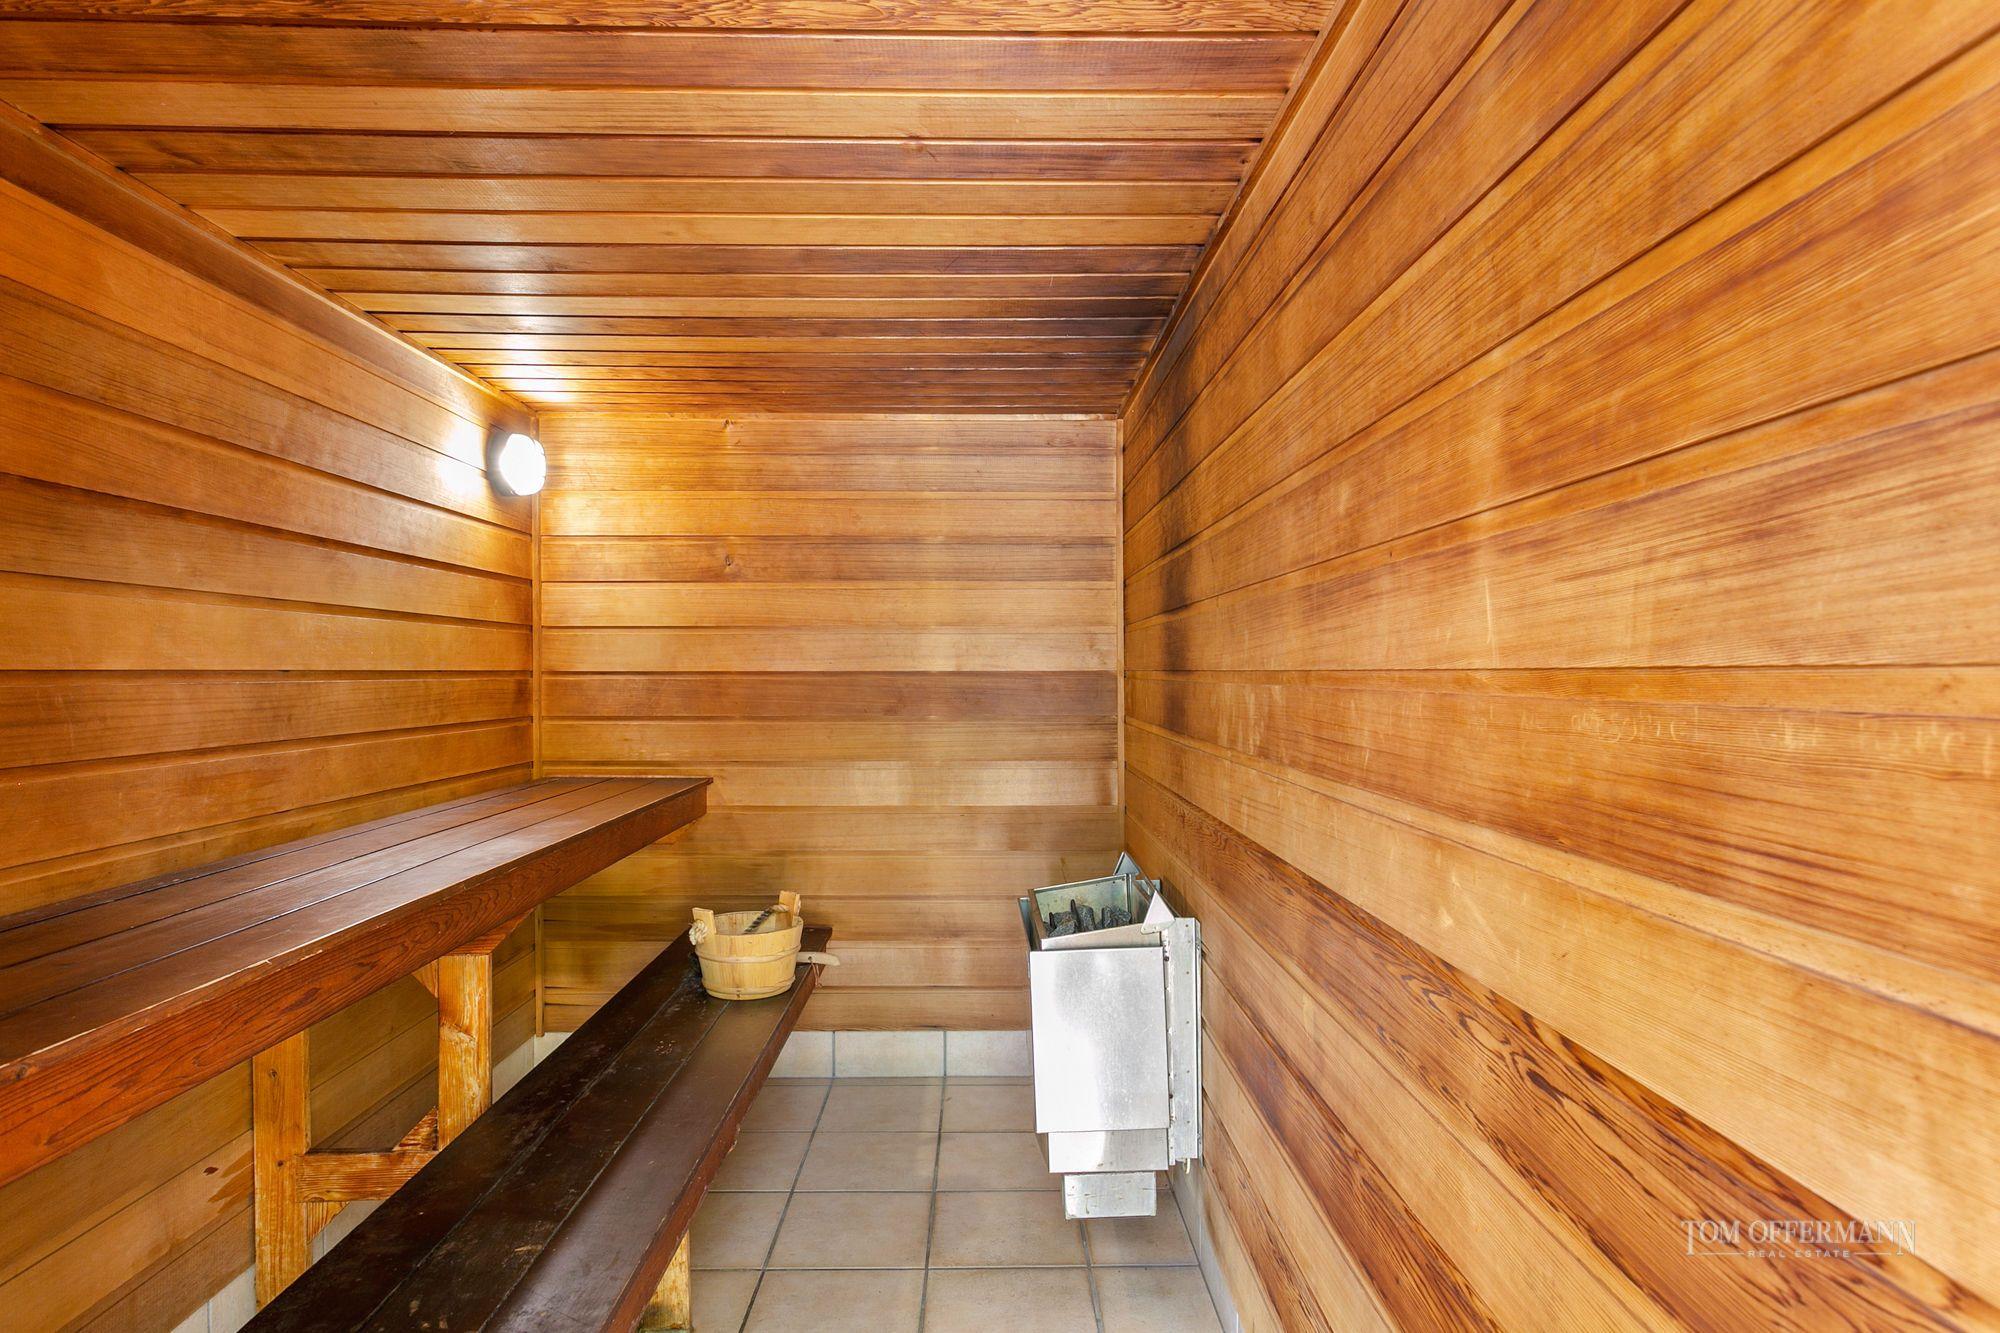 Sauna voyeur